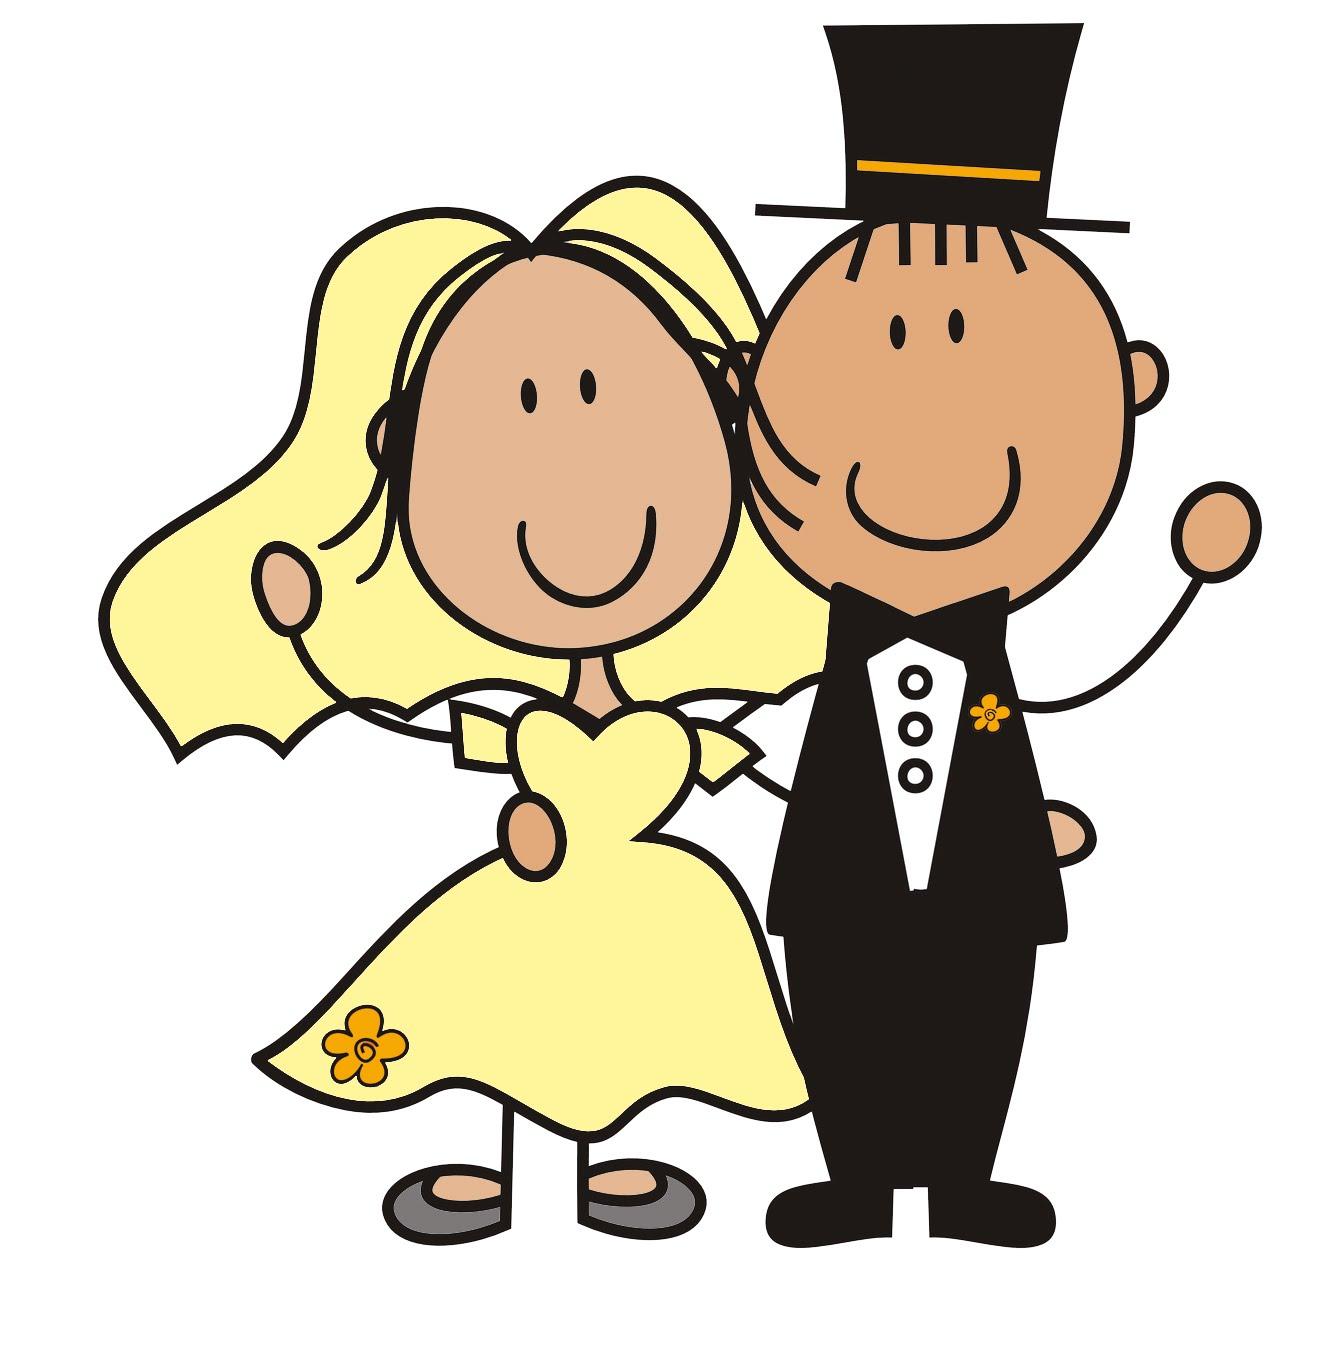 Wedding Cartoon Pics - Cliparts.co